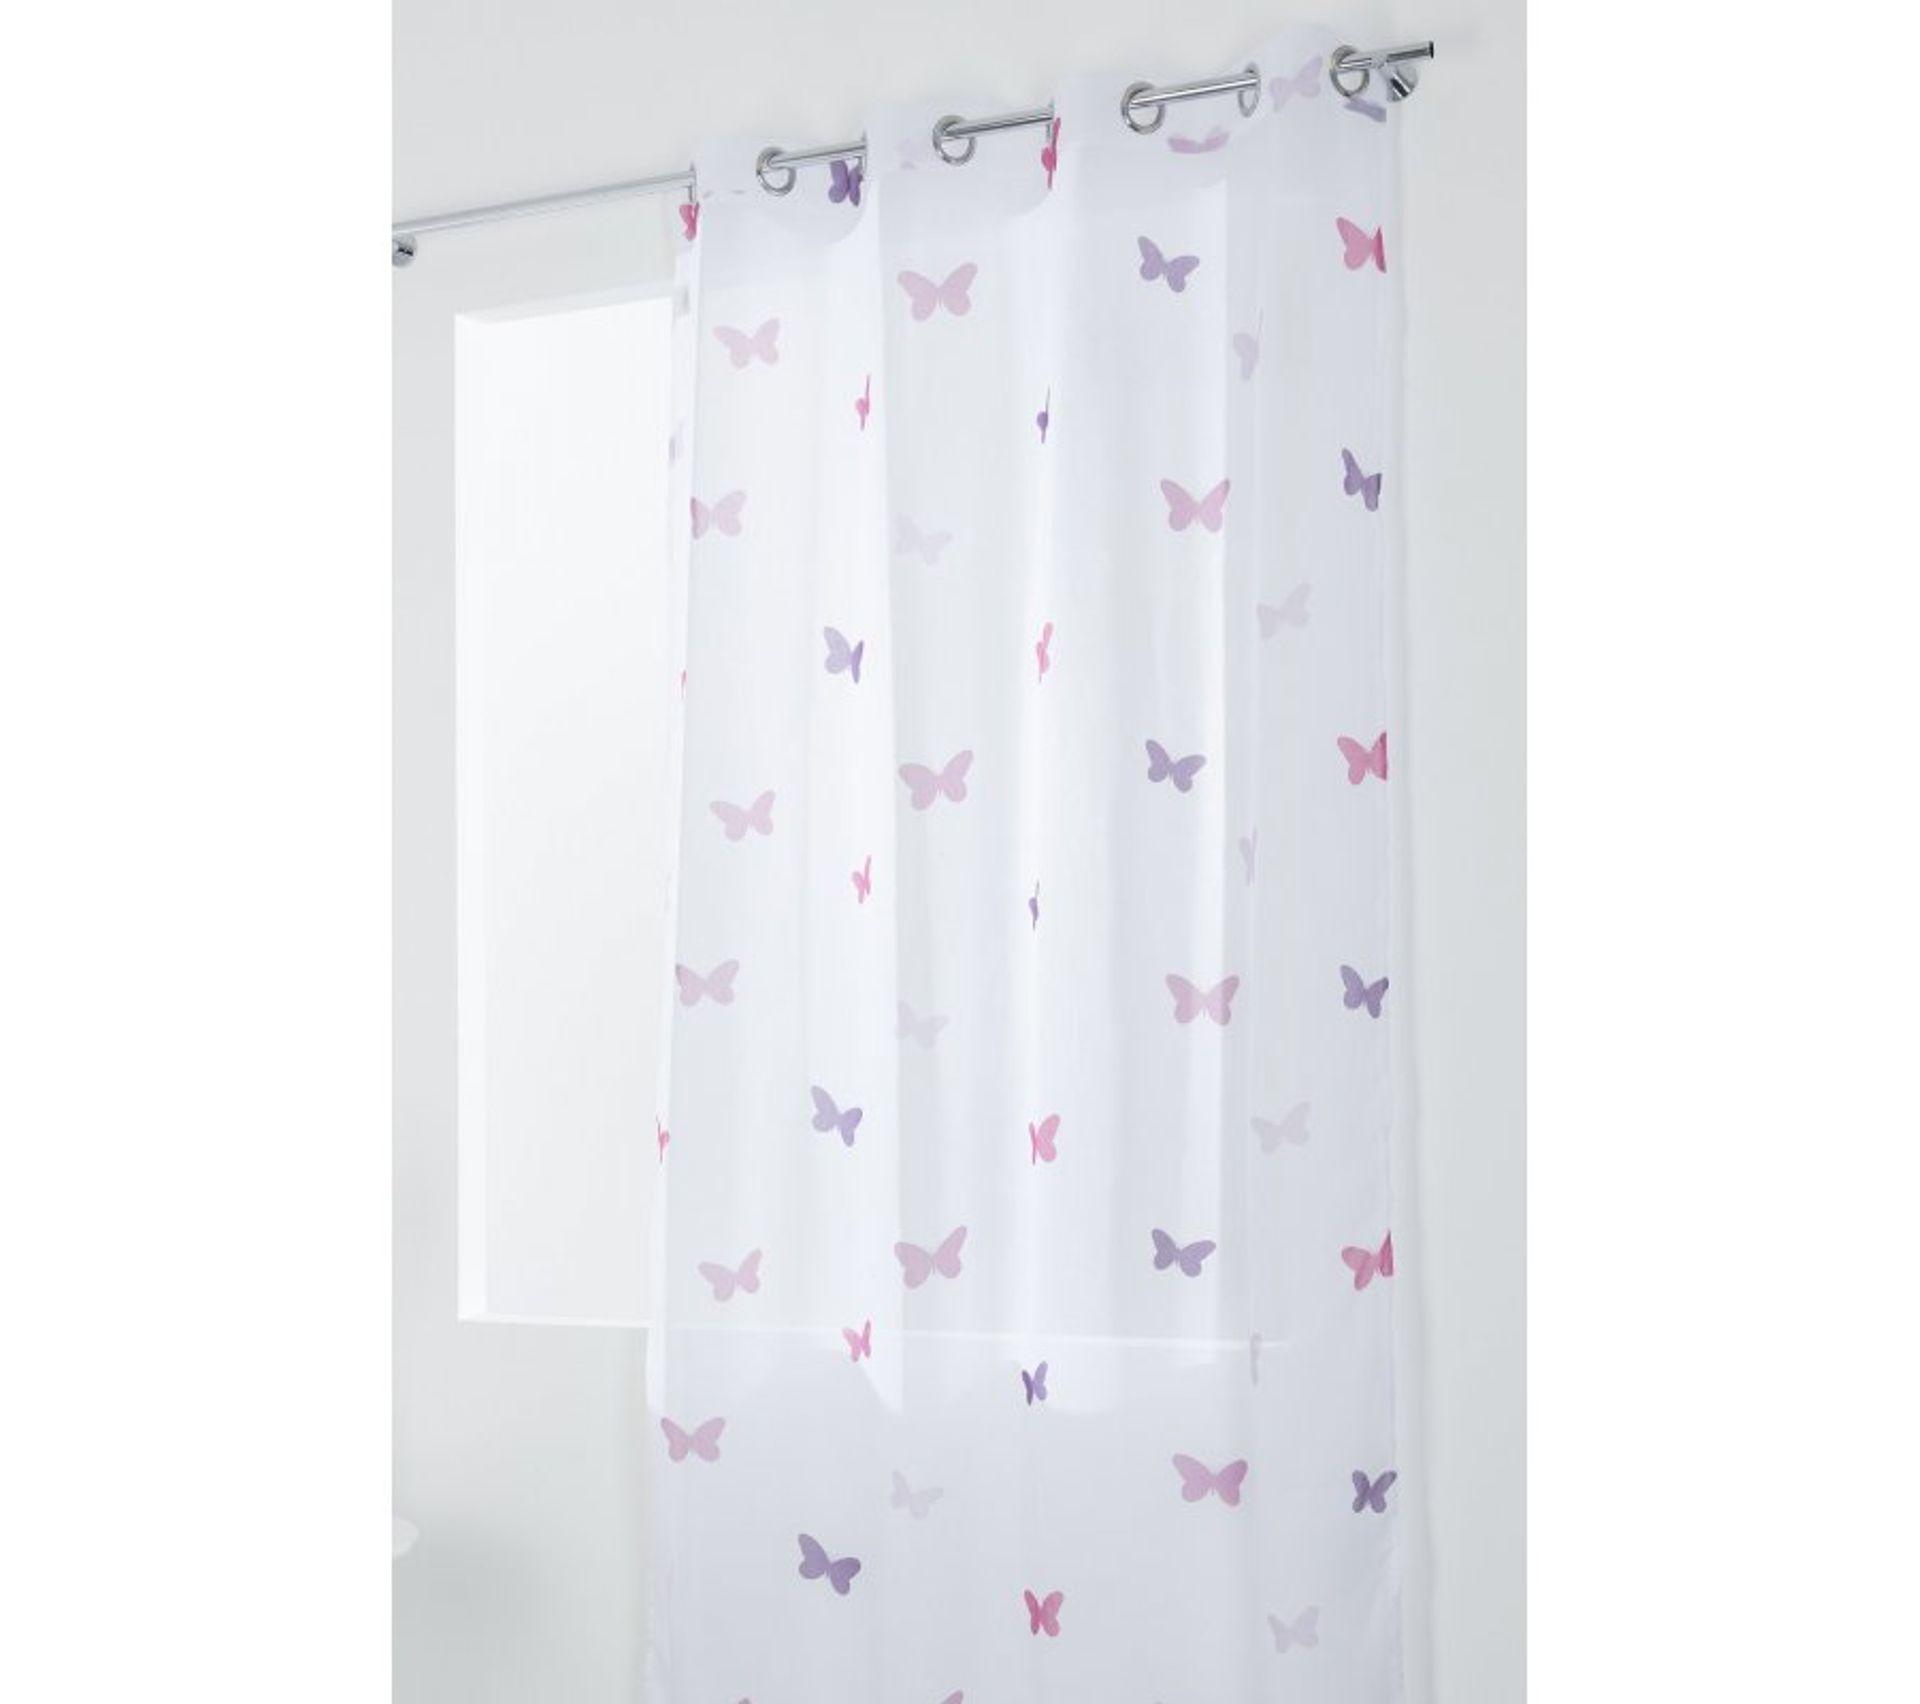 Voilage Chambre Enfant Filles 140 Cm X 280 Cm Grande Hauteur à Oeillets à Motif Imprimé Papillons Blanc Rose Violet